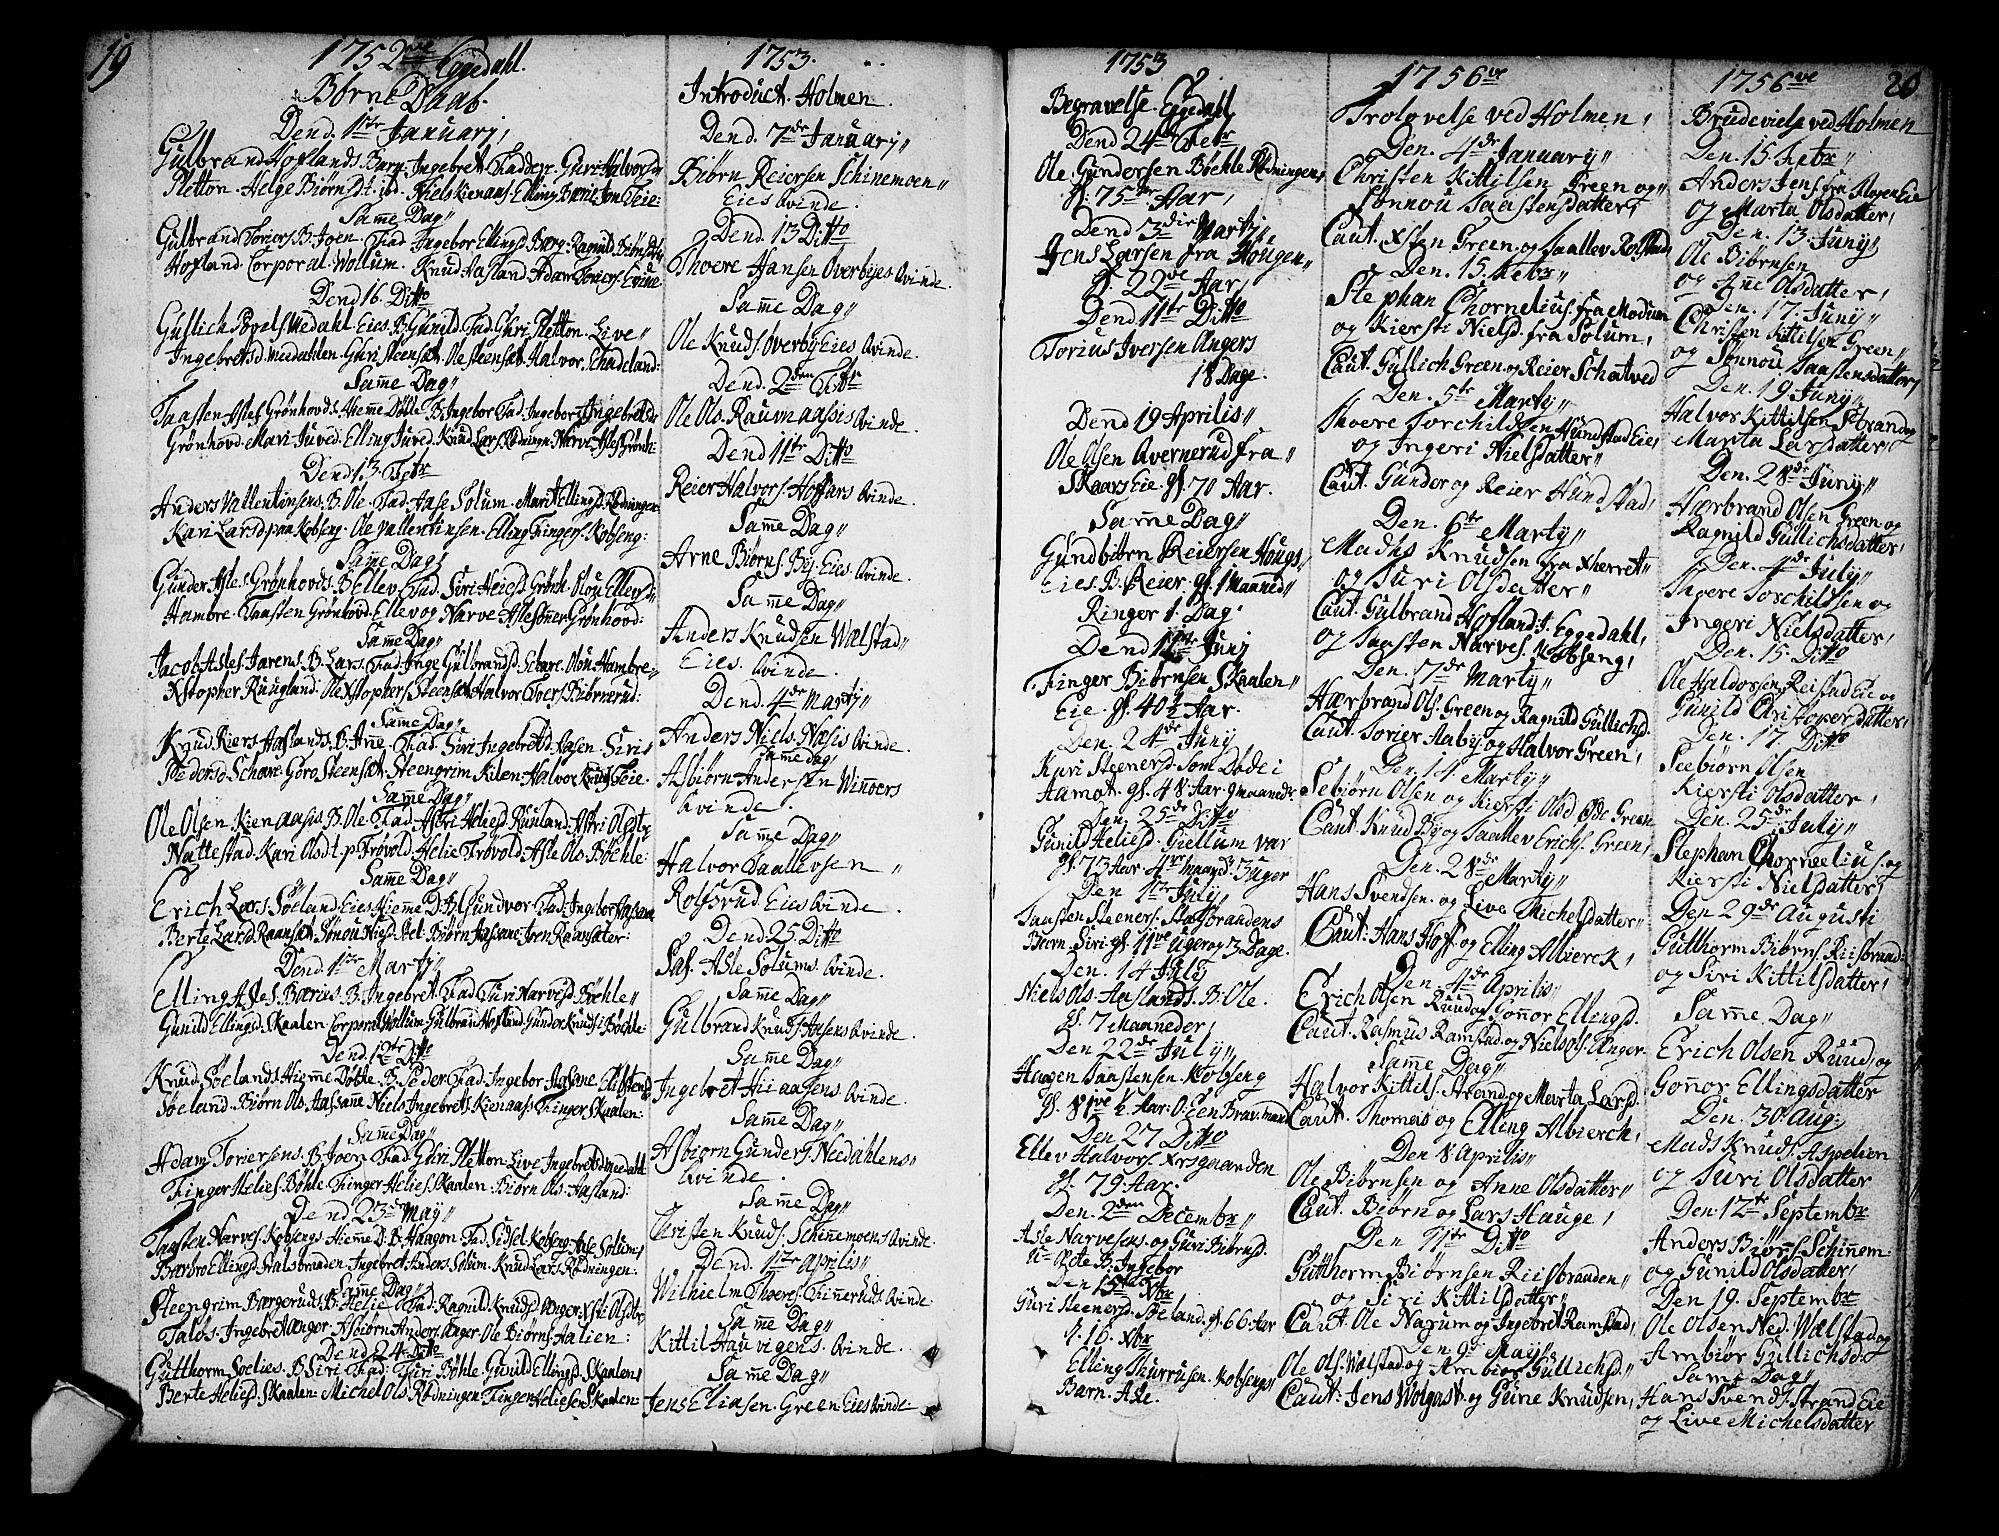 SAKO, Sigdal kirkebøker, F/Fa/L0001: Ministerialbok nr. I 1, 1722-1777, s. 19-20